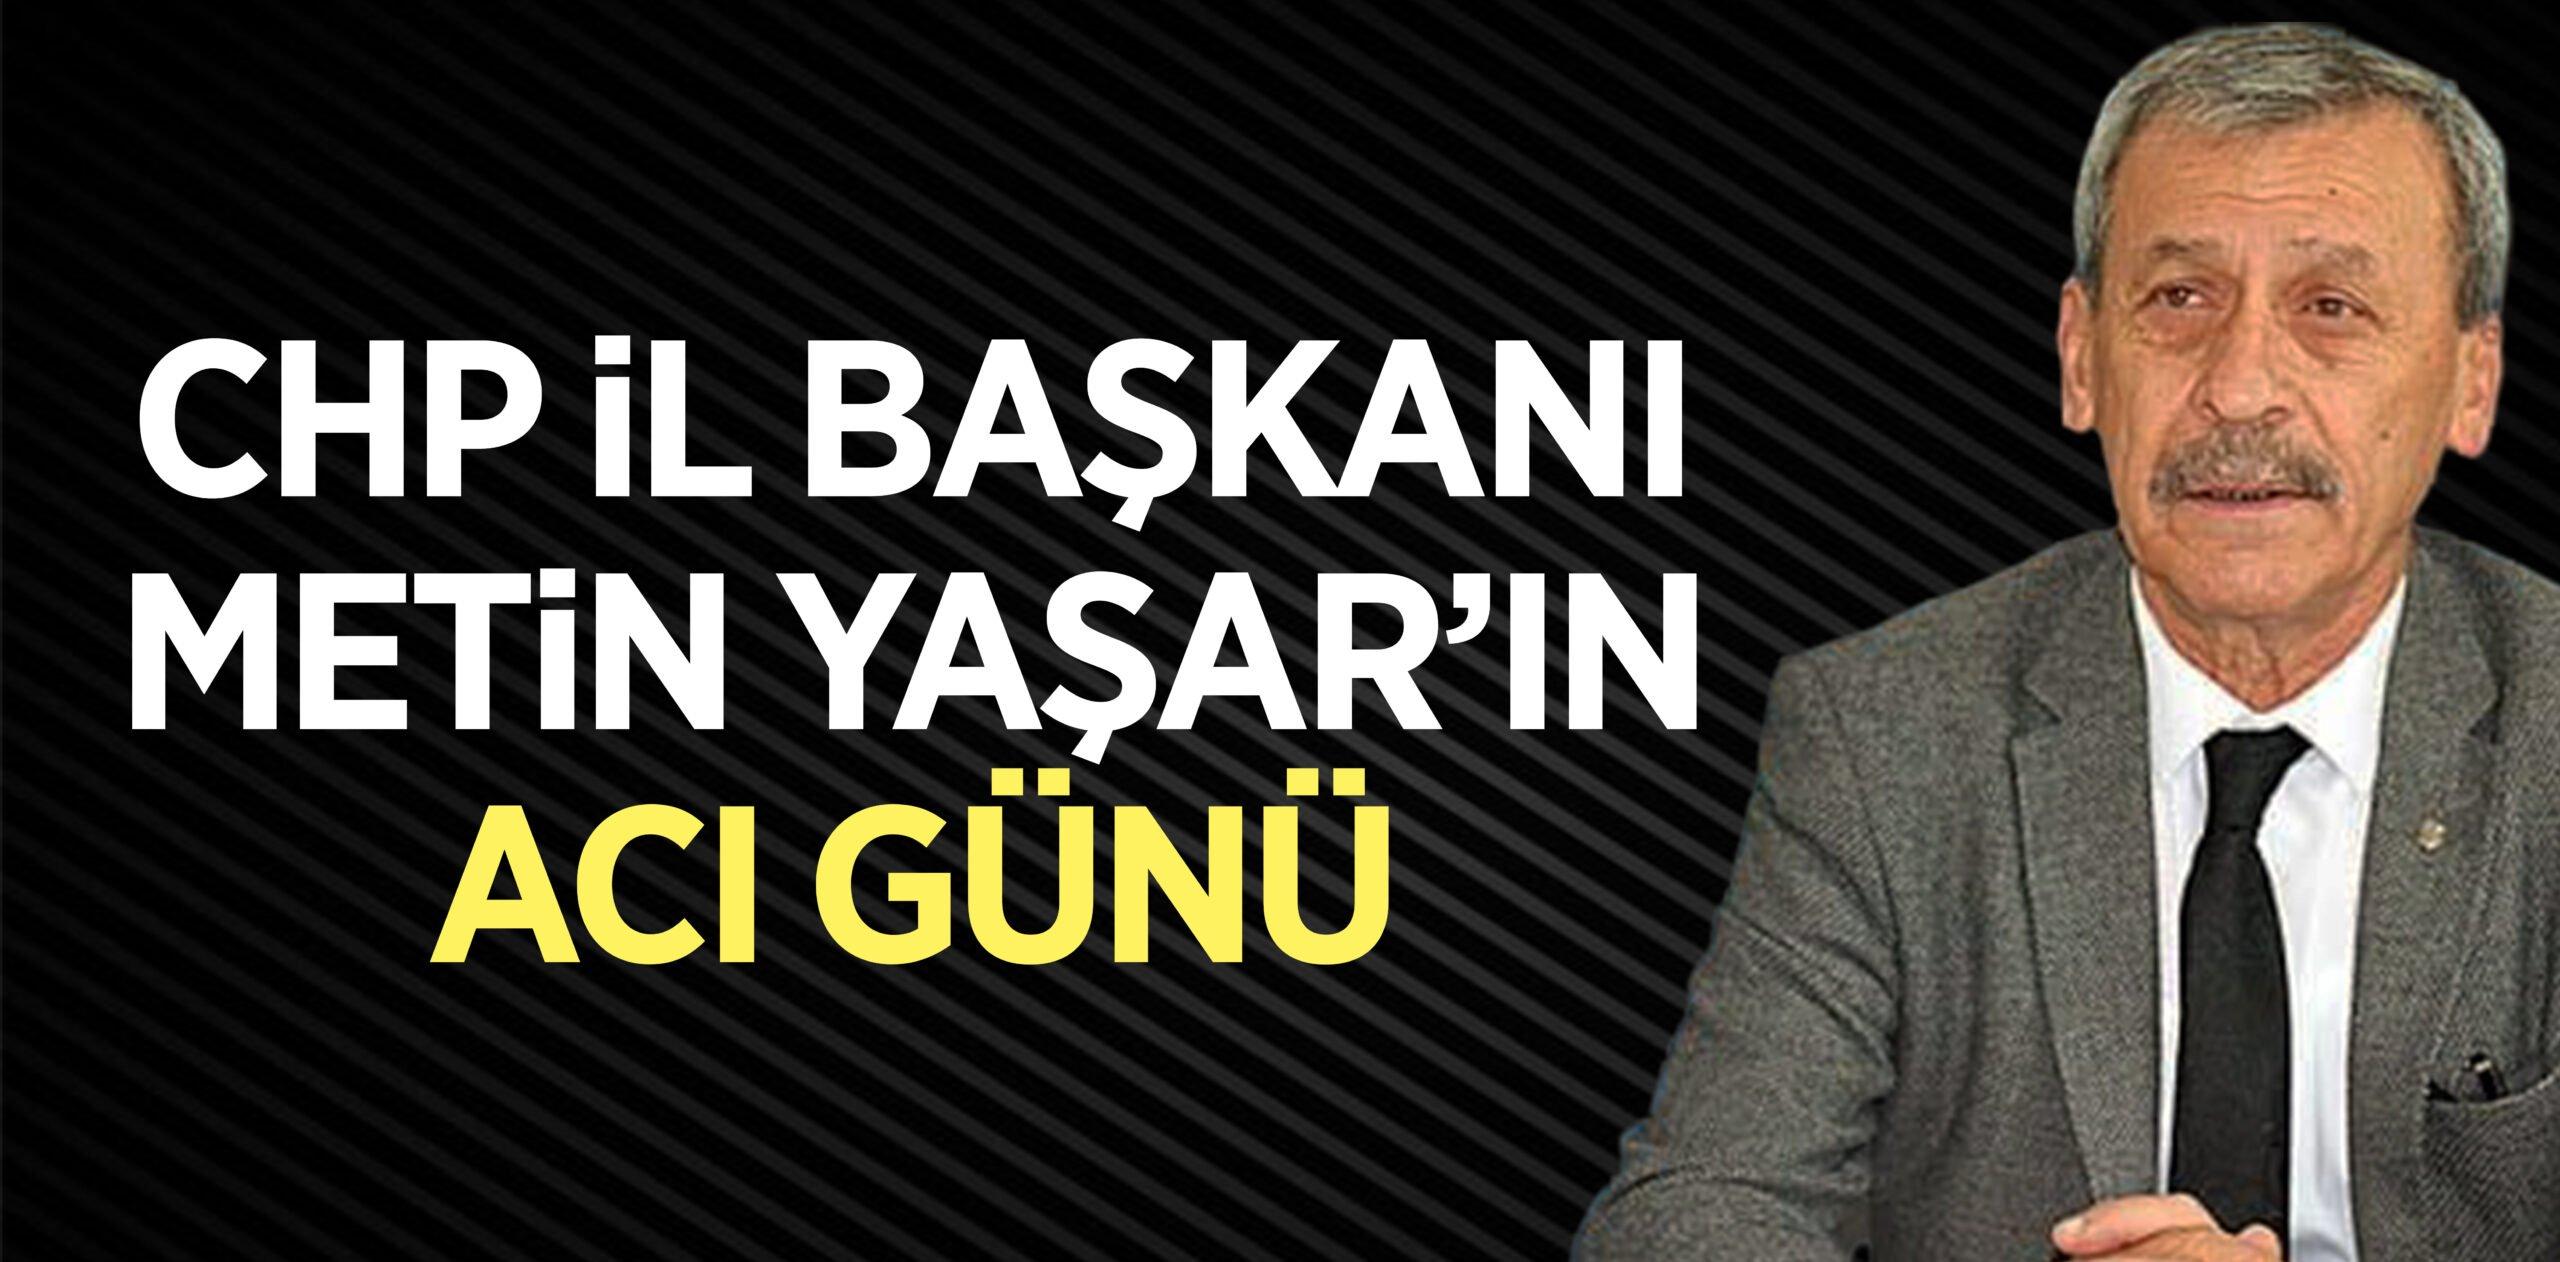 CHP İl Başkanı Metin Yaşar'ın Acı Günü